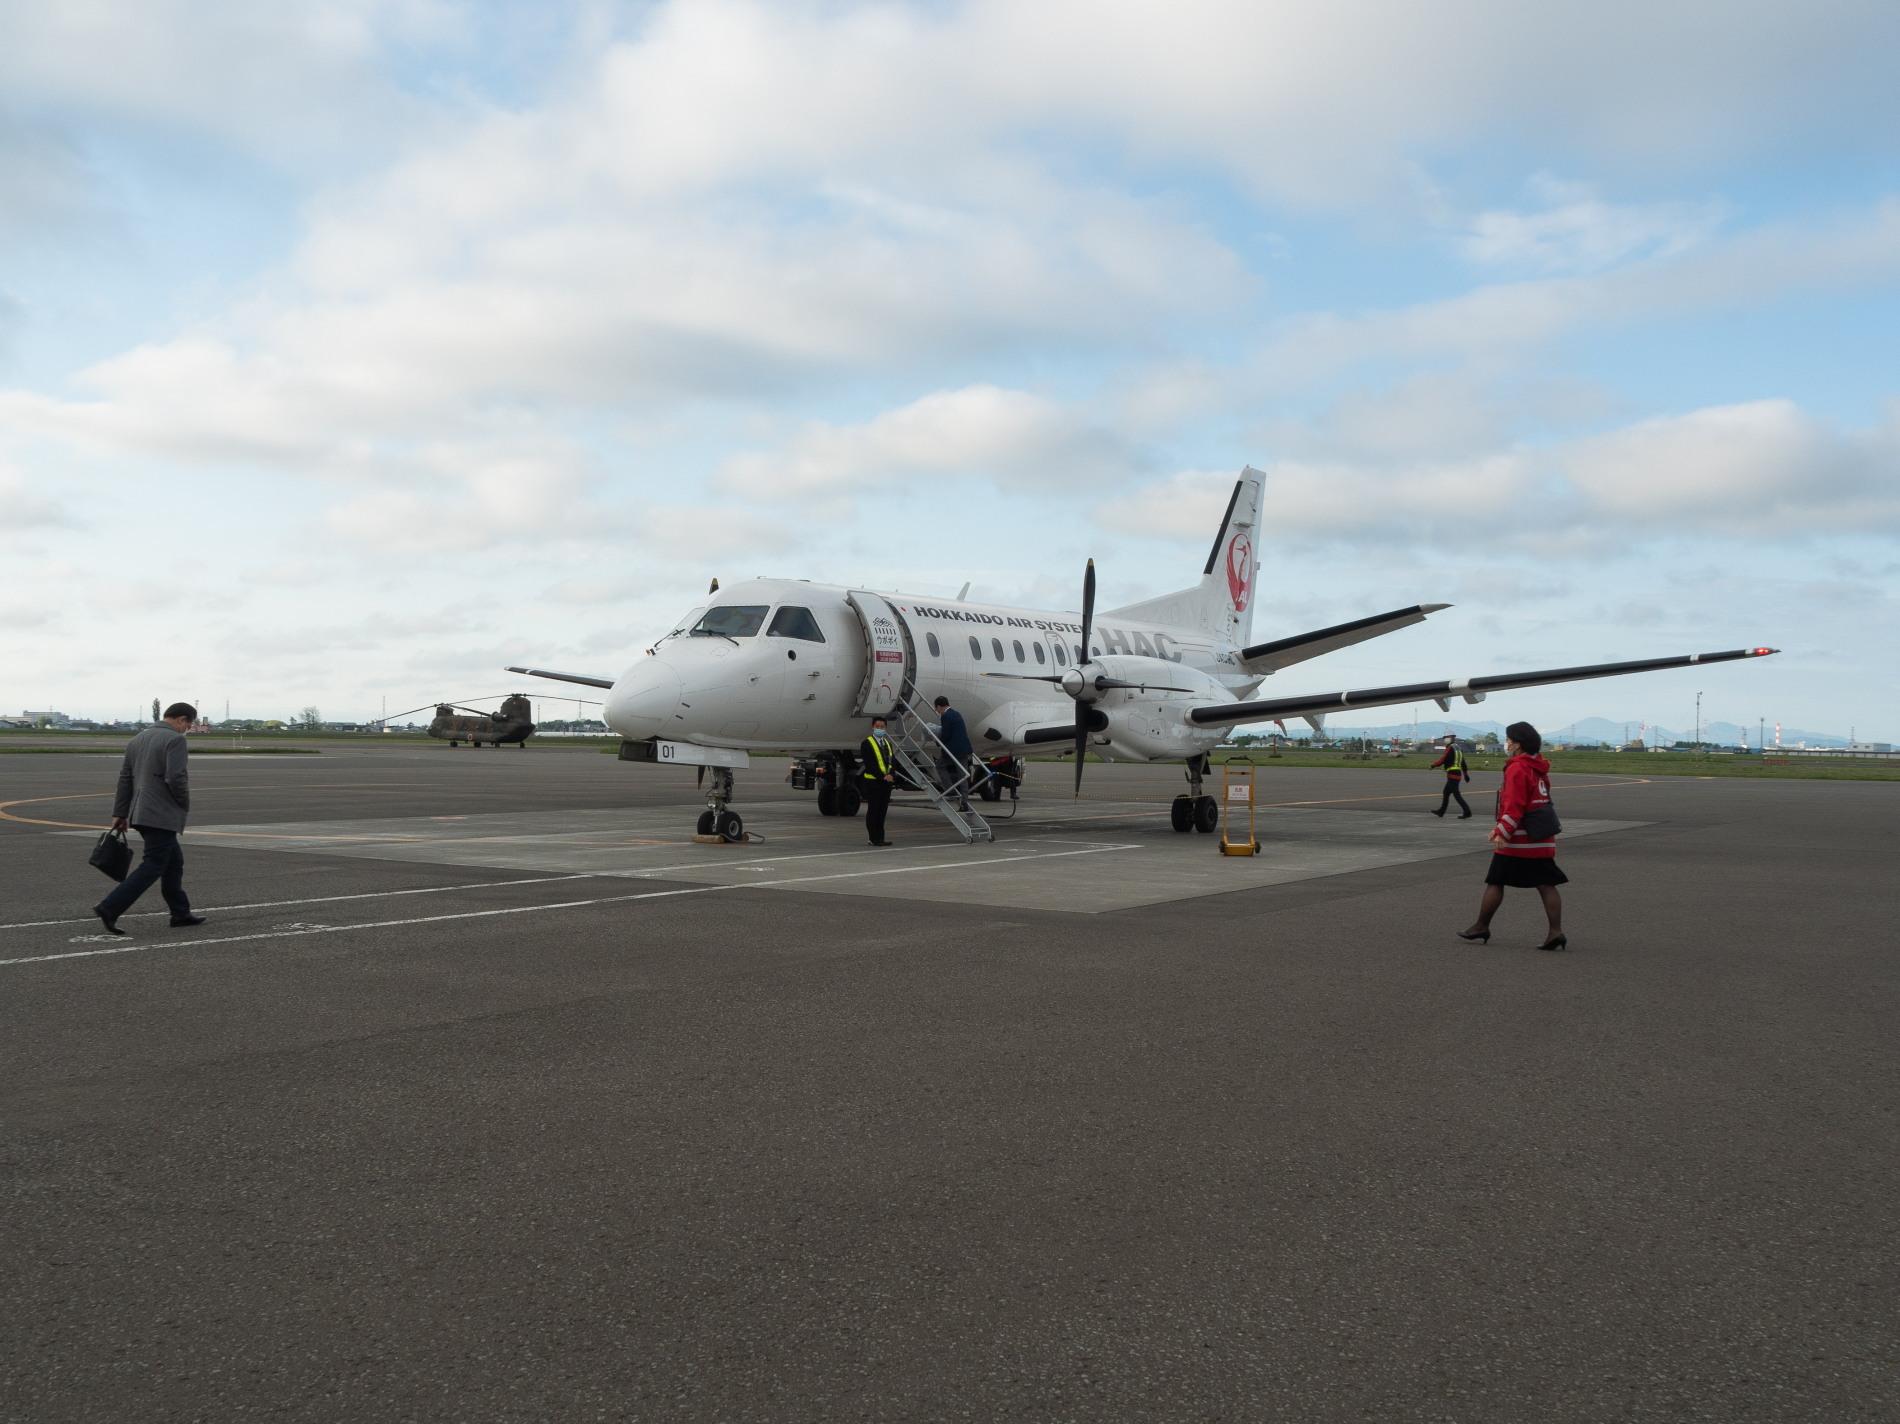 北海道エアシステムの新機材ATR42に乗って・・函館へ(3)_f0276498_22070613.jpg